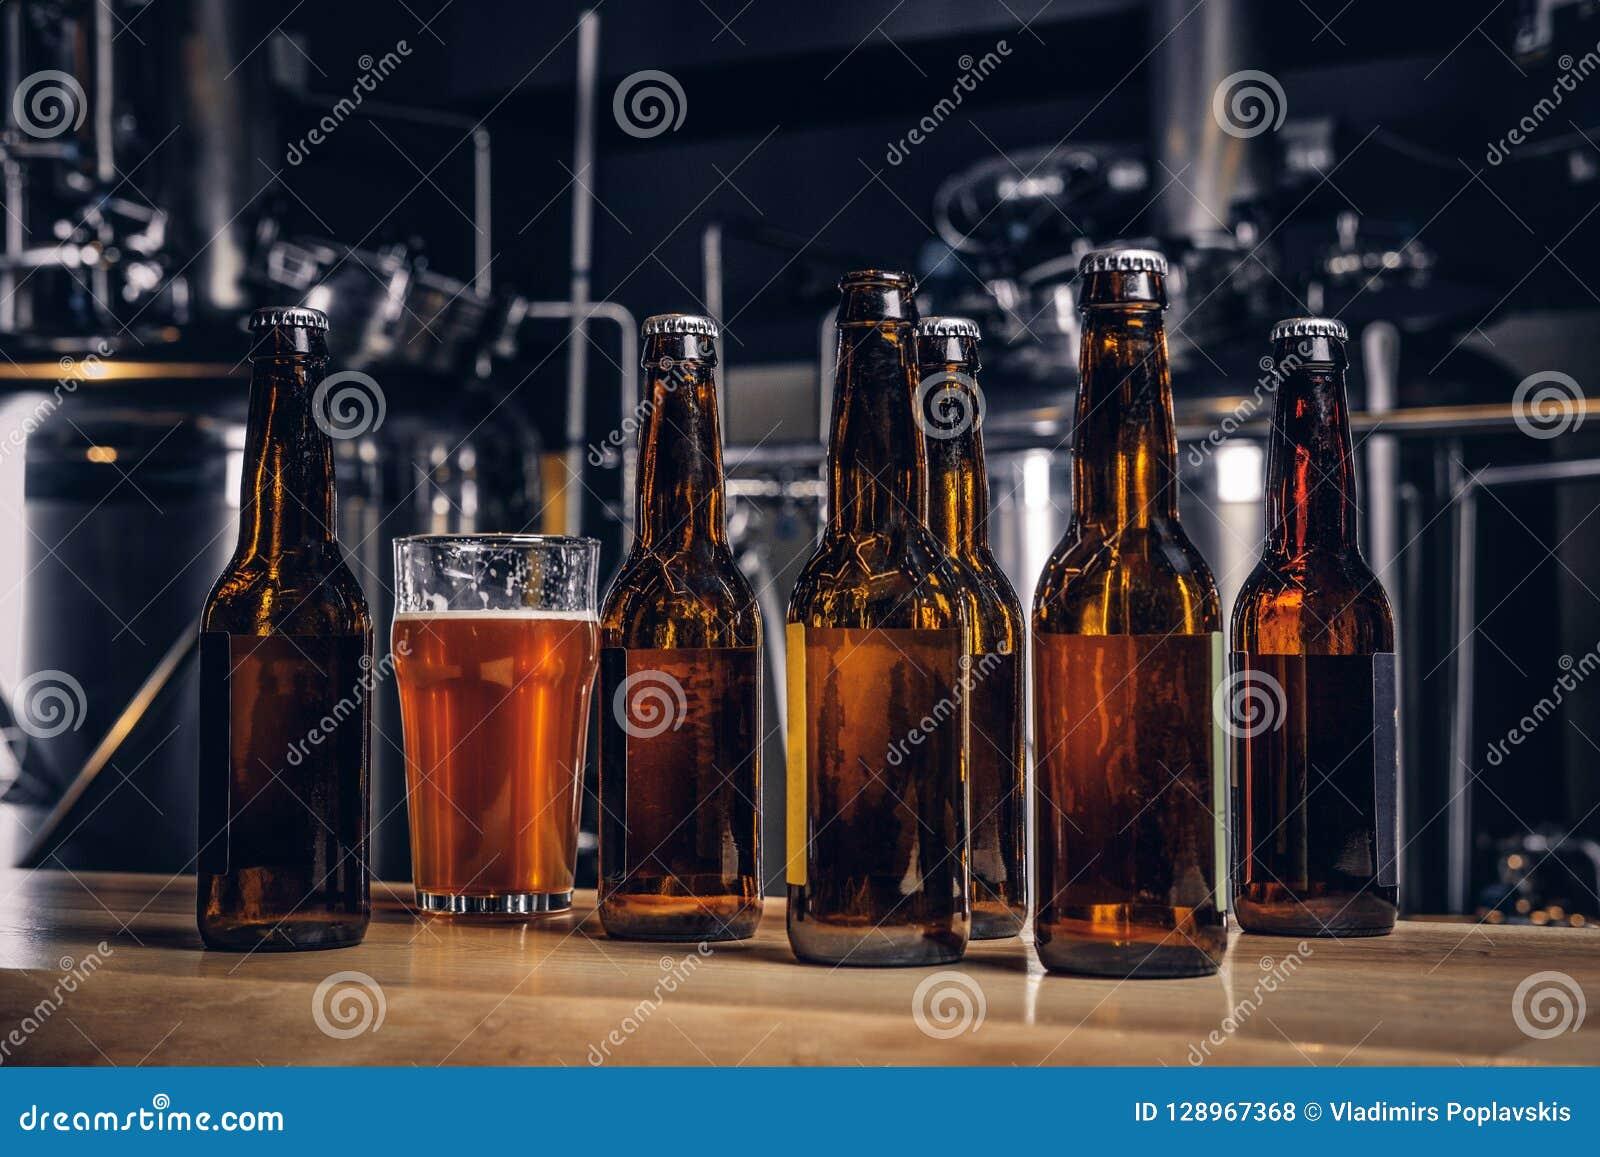 Flaschen und Glas Handwerksbier auf hölzernem Barzähler an der indie Brauerei